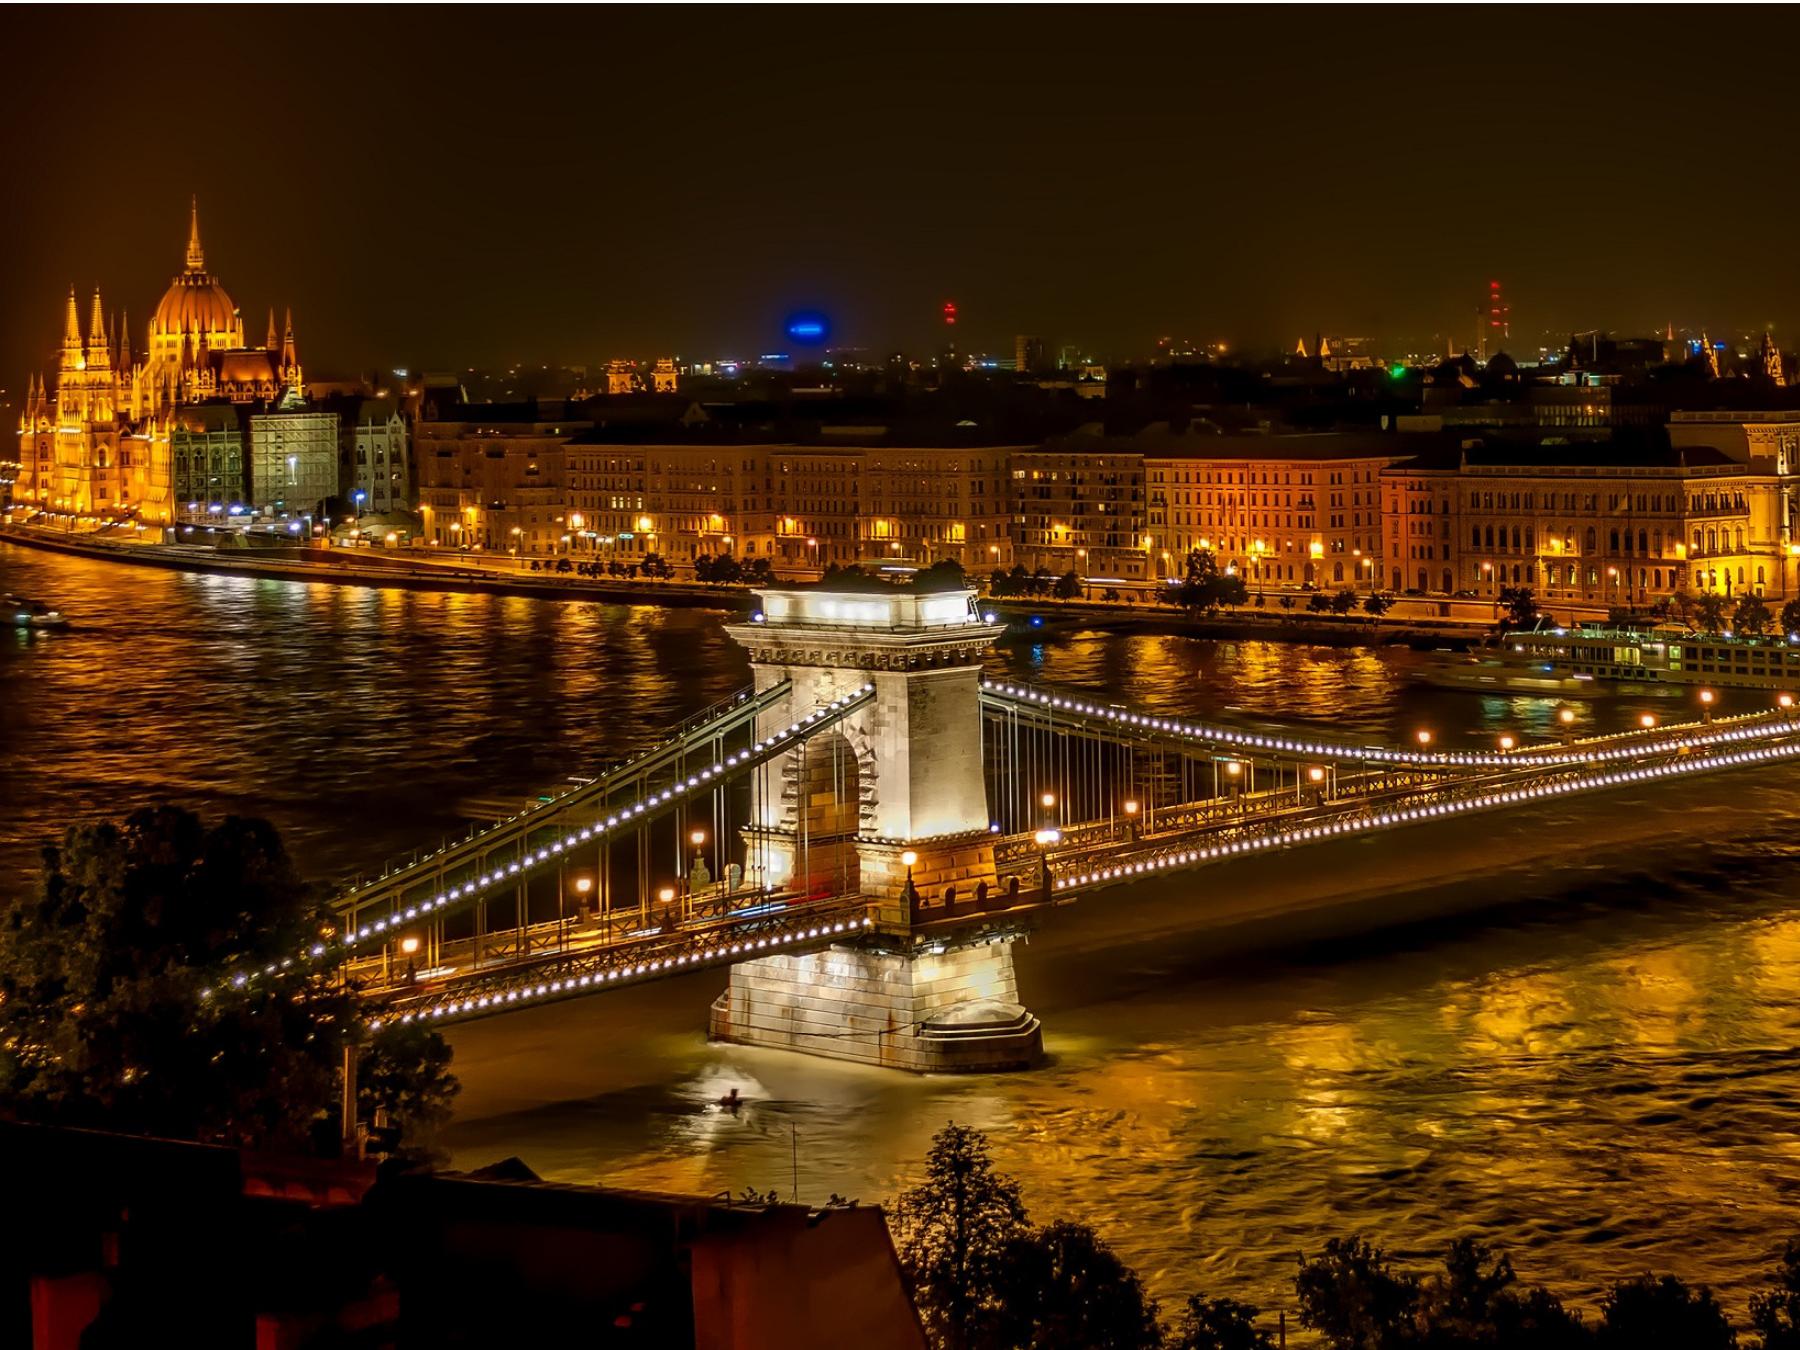 15-melhores-lugares-para-viajar-esse-ano-2019-budapeste 15 melhores lugares para viajar (melhor custo)